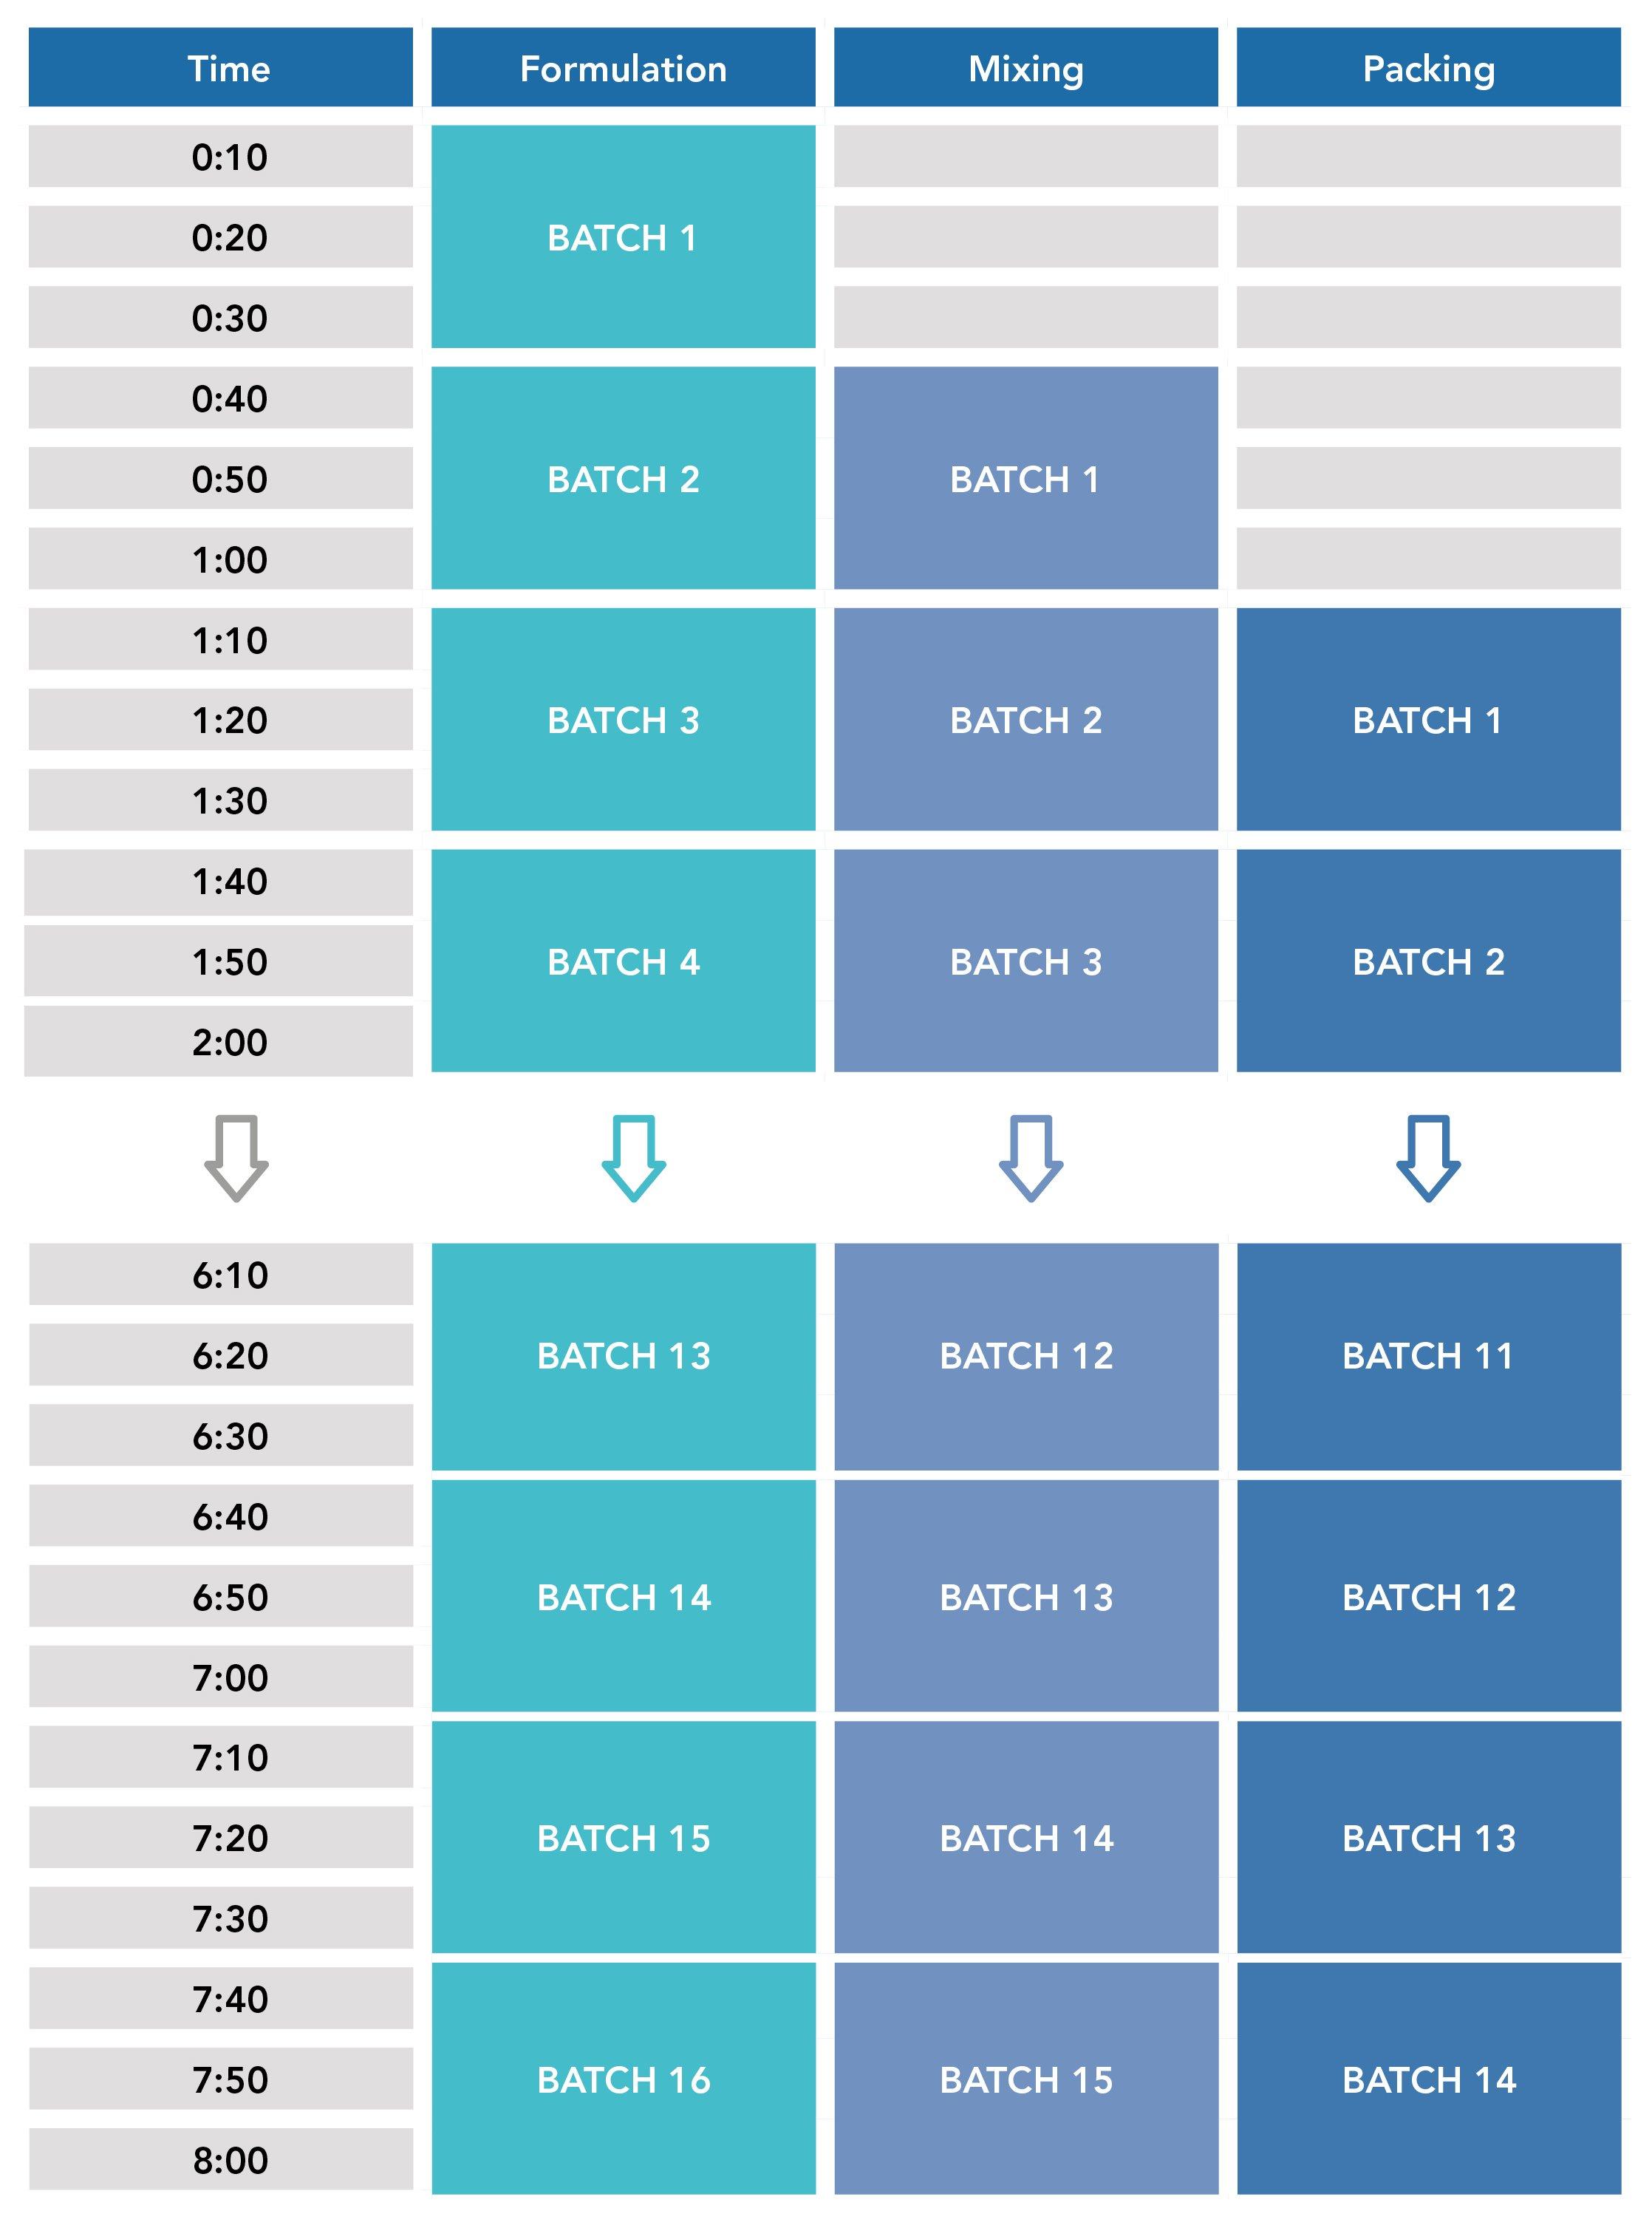 matcon_batch_chart